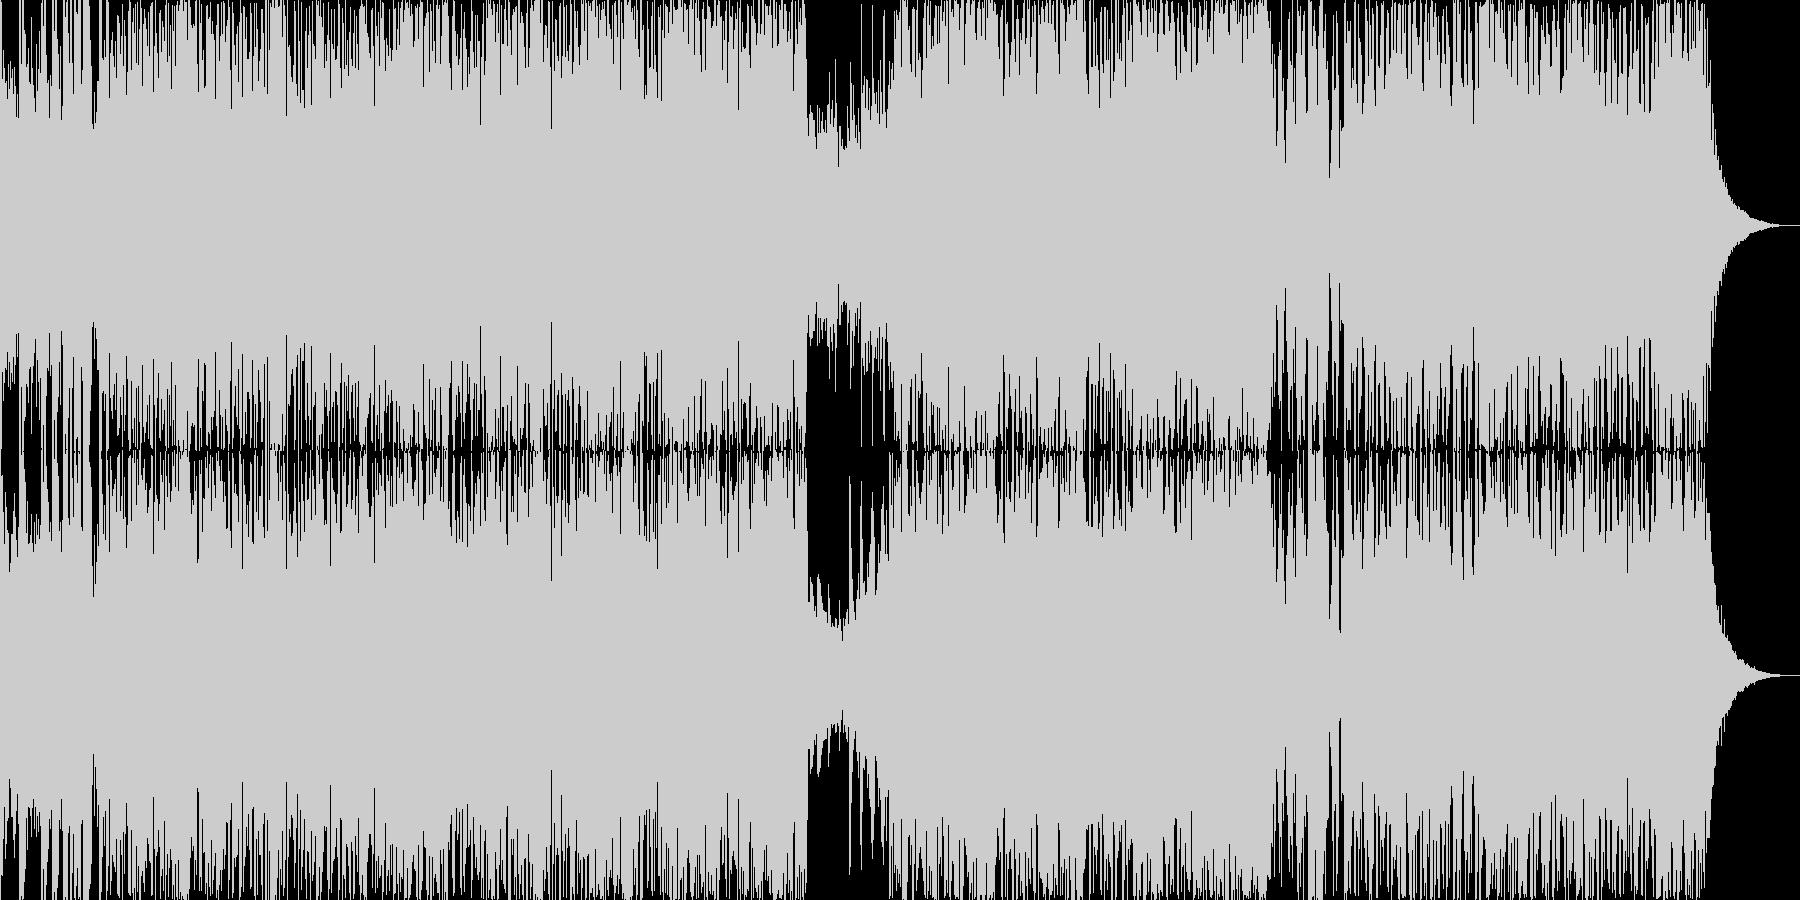 三味線の疾走感 ディープドラムンベースの未再生の波形